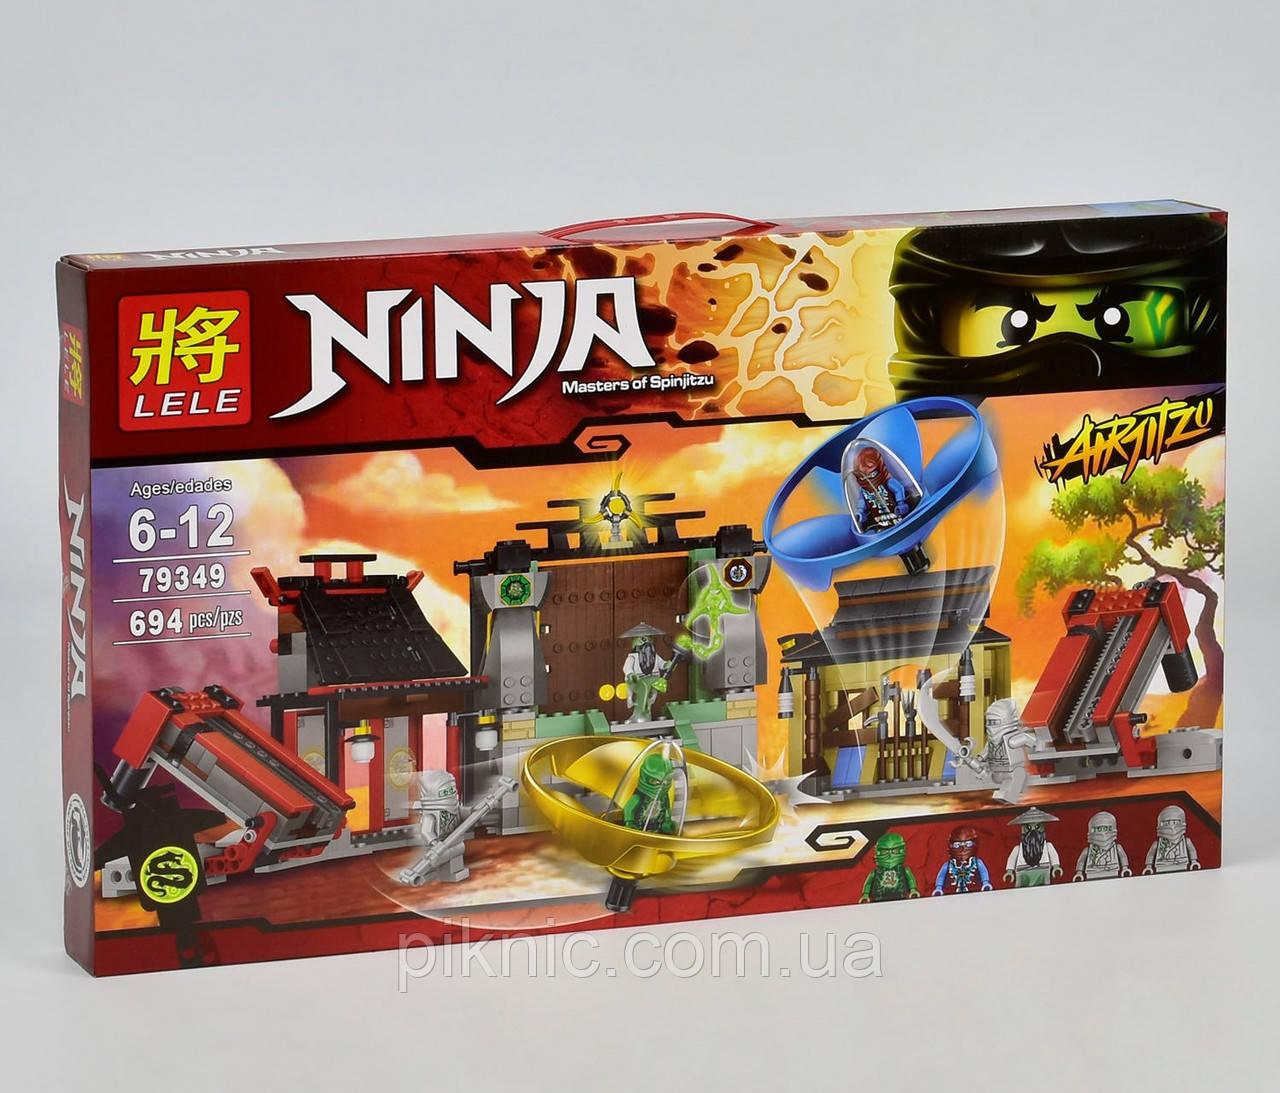 Конструктор Ниндзяго Аэроджитцу: Поле битвы, 694 дет, Детский конструктор Ниндзя, Ниндзяго для мальчиков